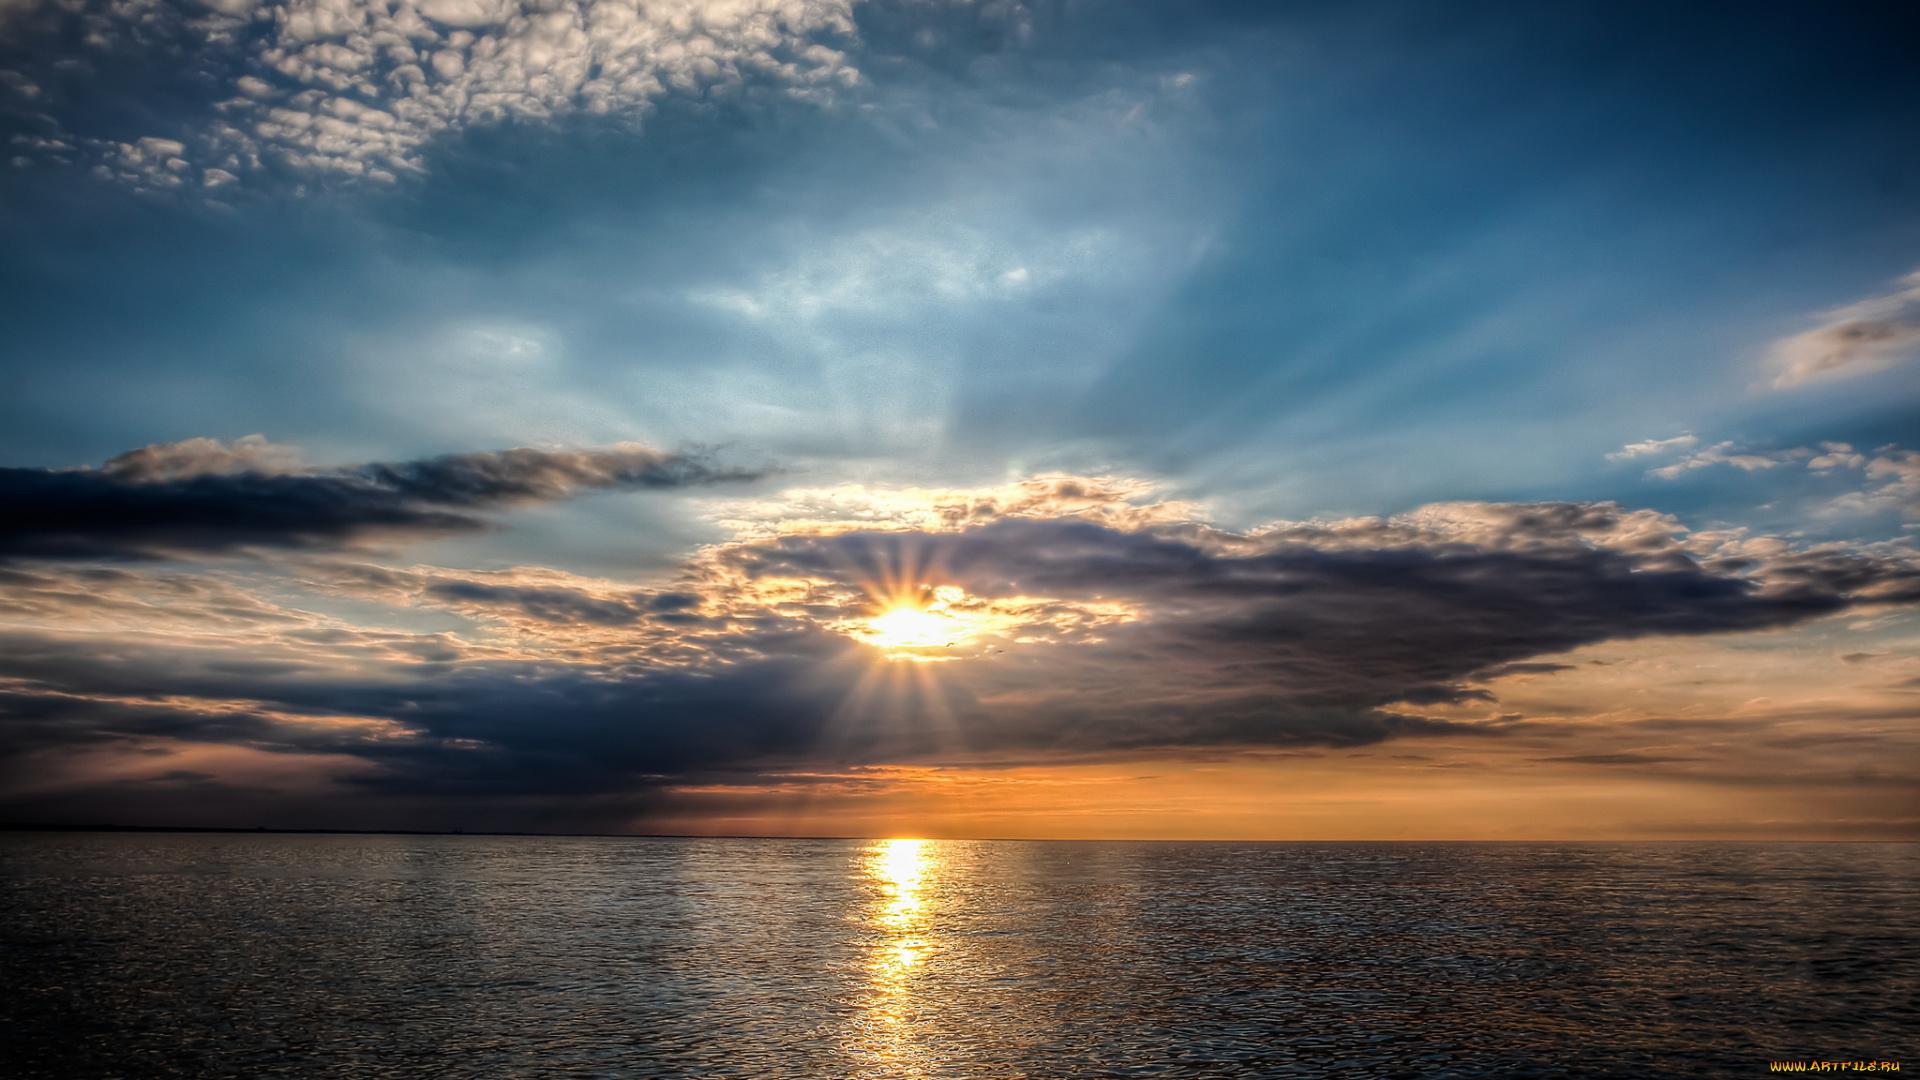 любое фото восхода и заката солнца каждой квартире достаточно